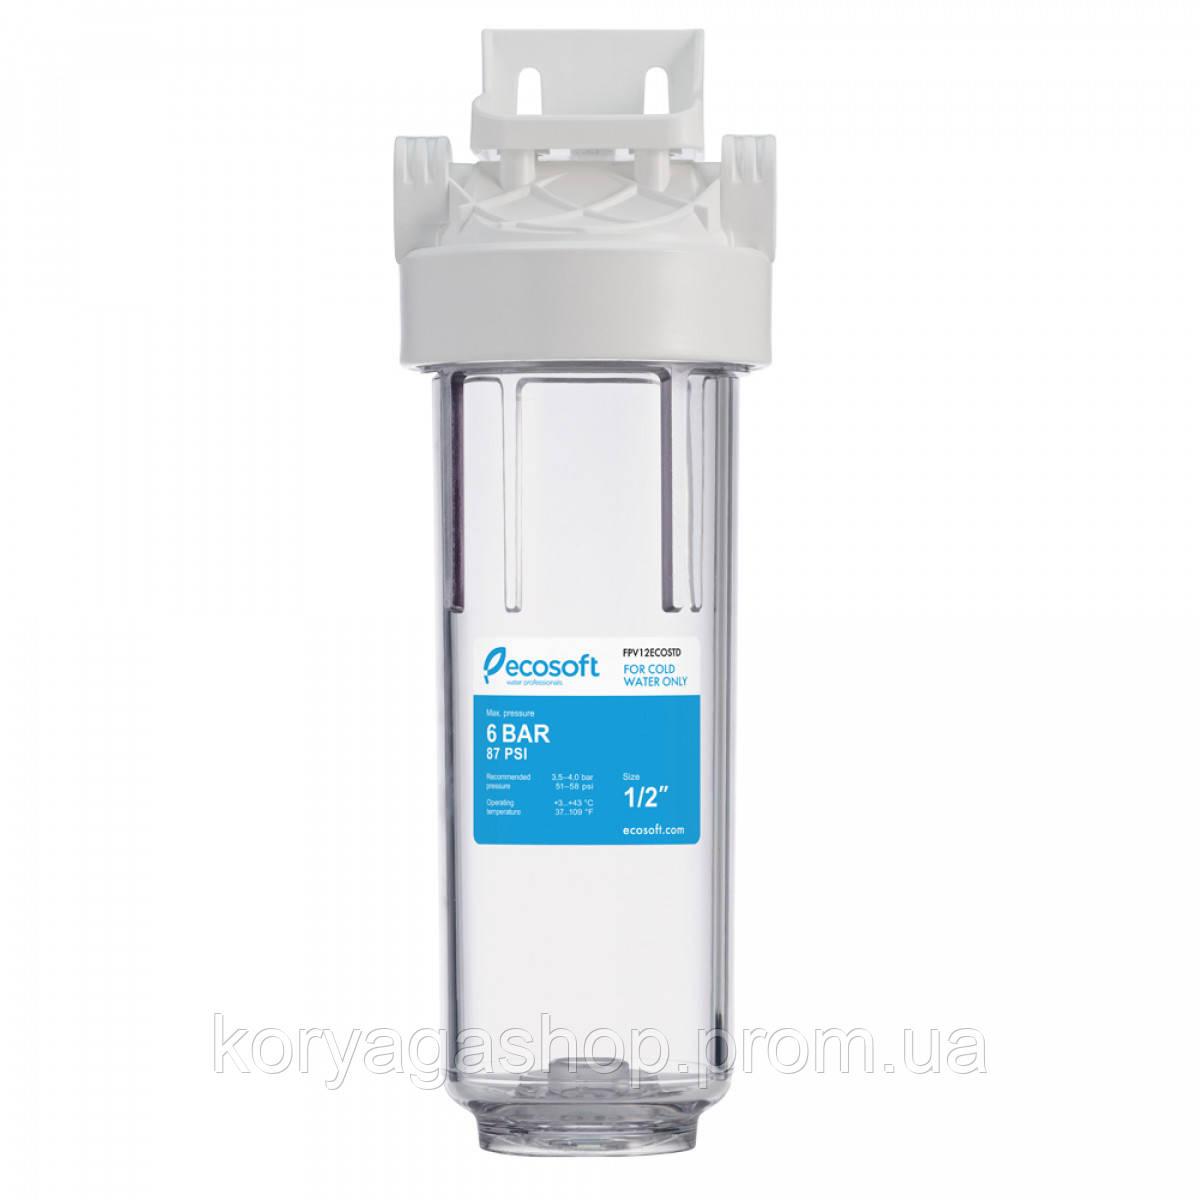 Колба фильтра для холодной воды Ecosoft FPV-12E-COSTD